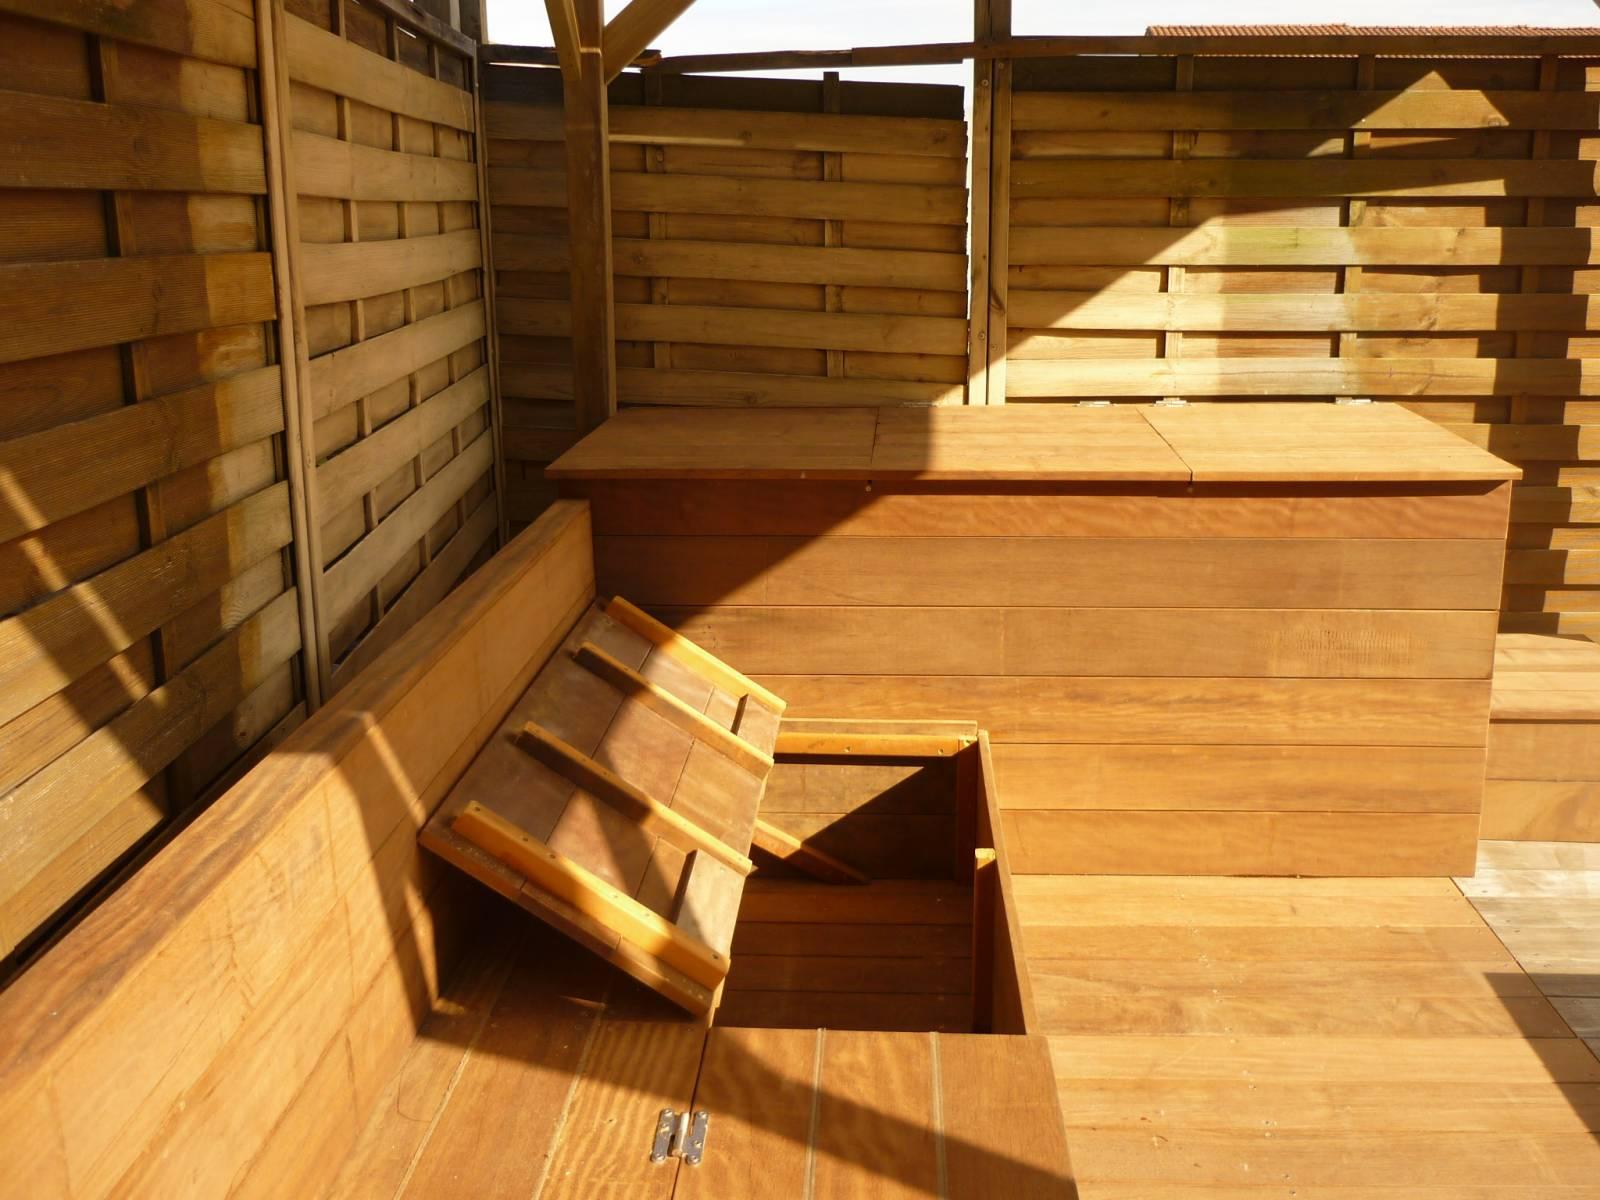 R alisation d 39 un espace terrasse et banquette en bois Coffre terrasse bois